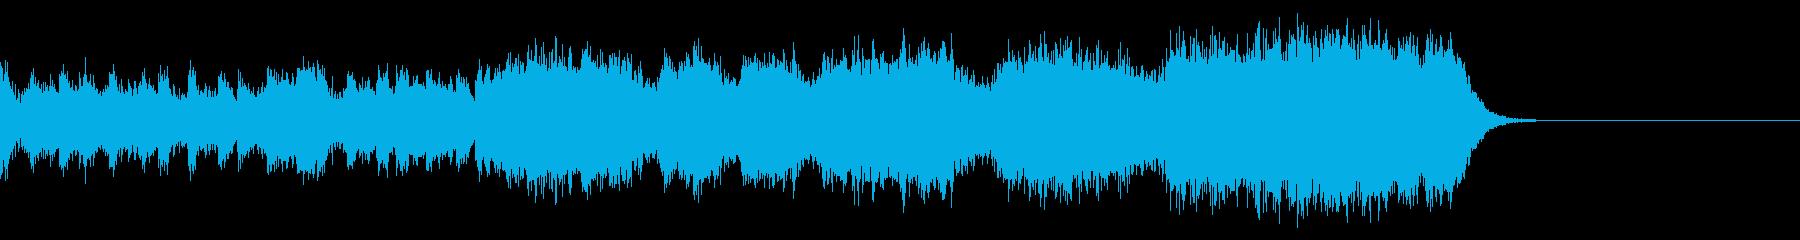 アクションゲーム風の音楽_イントロなしの再生済みの波形